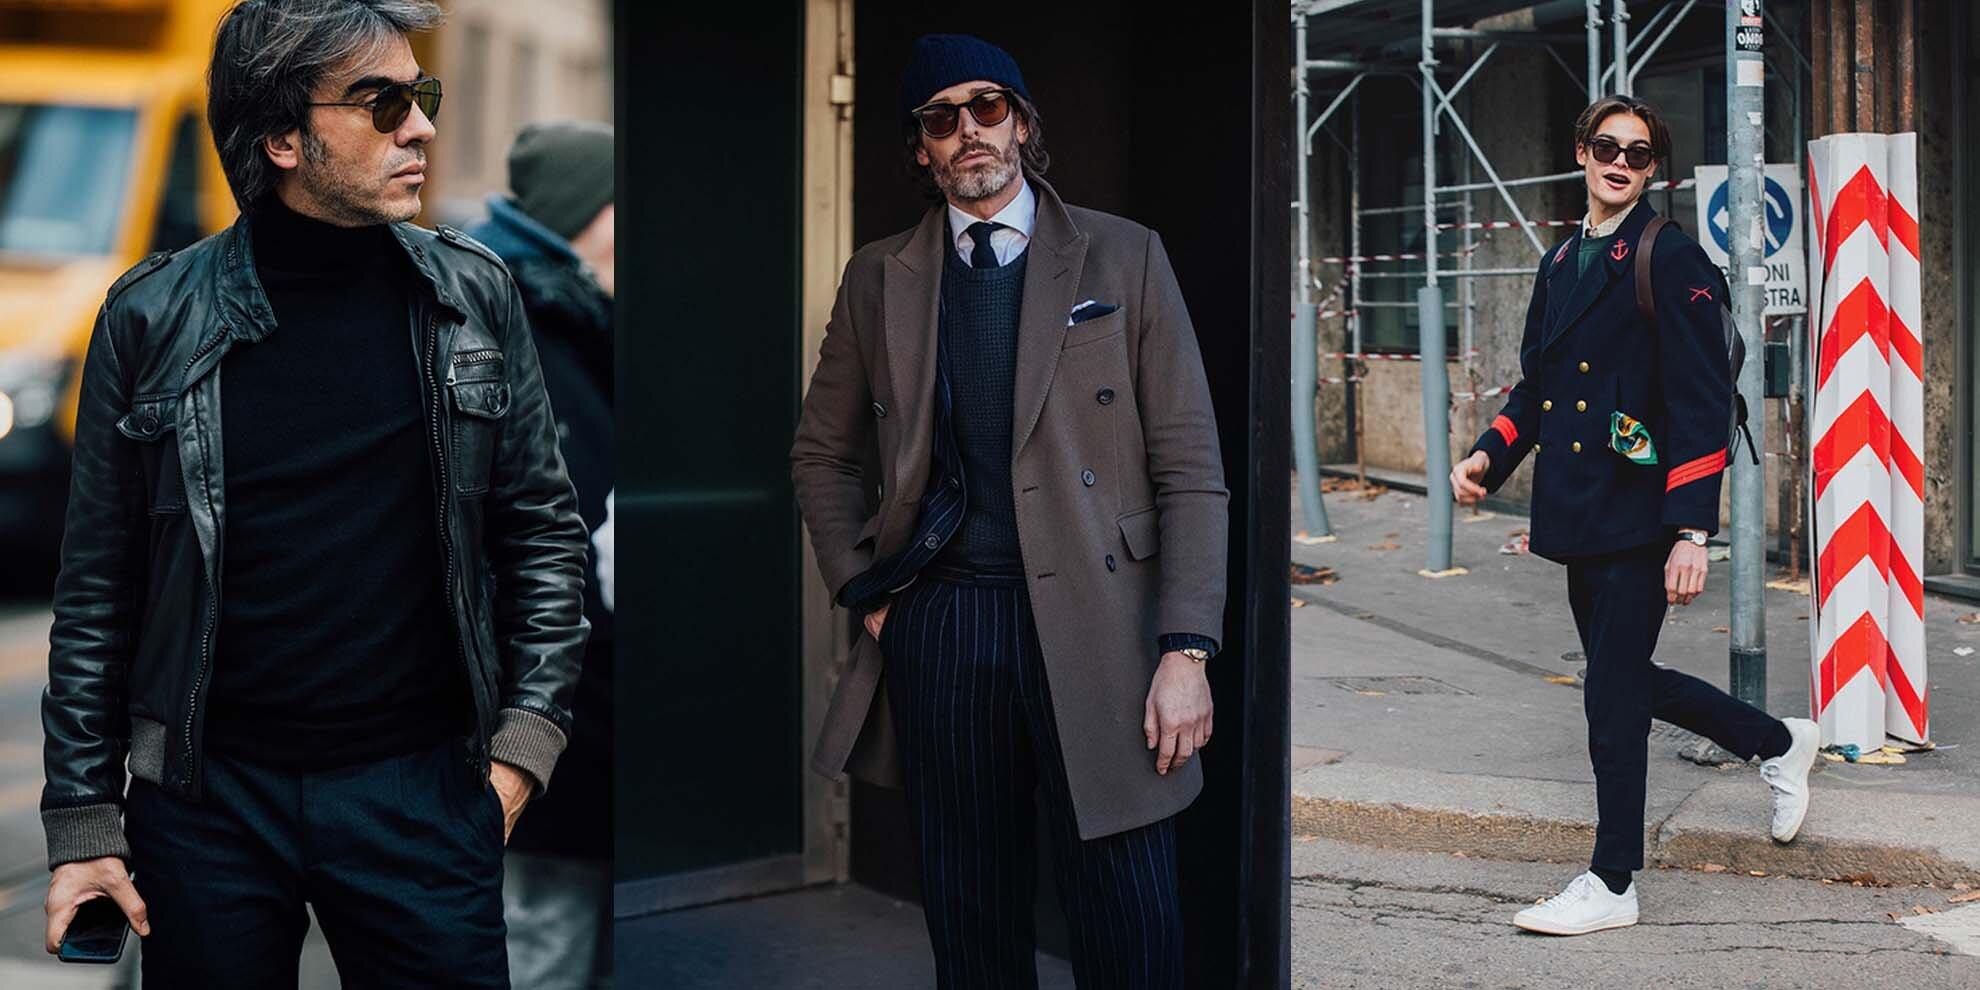 Milano men's fashion week - Mediolańskim fashion week - Mediolan Street Style - Styl mężczyzny w Mediolanie